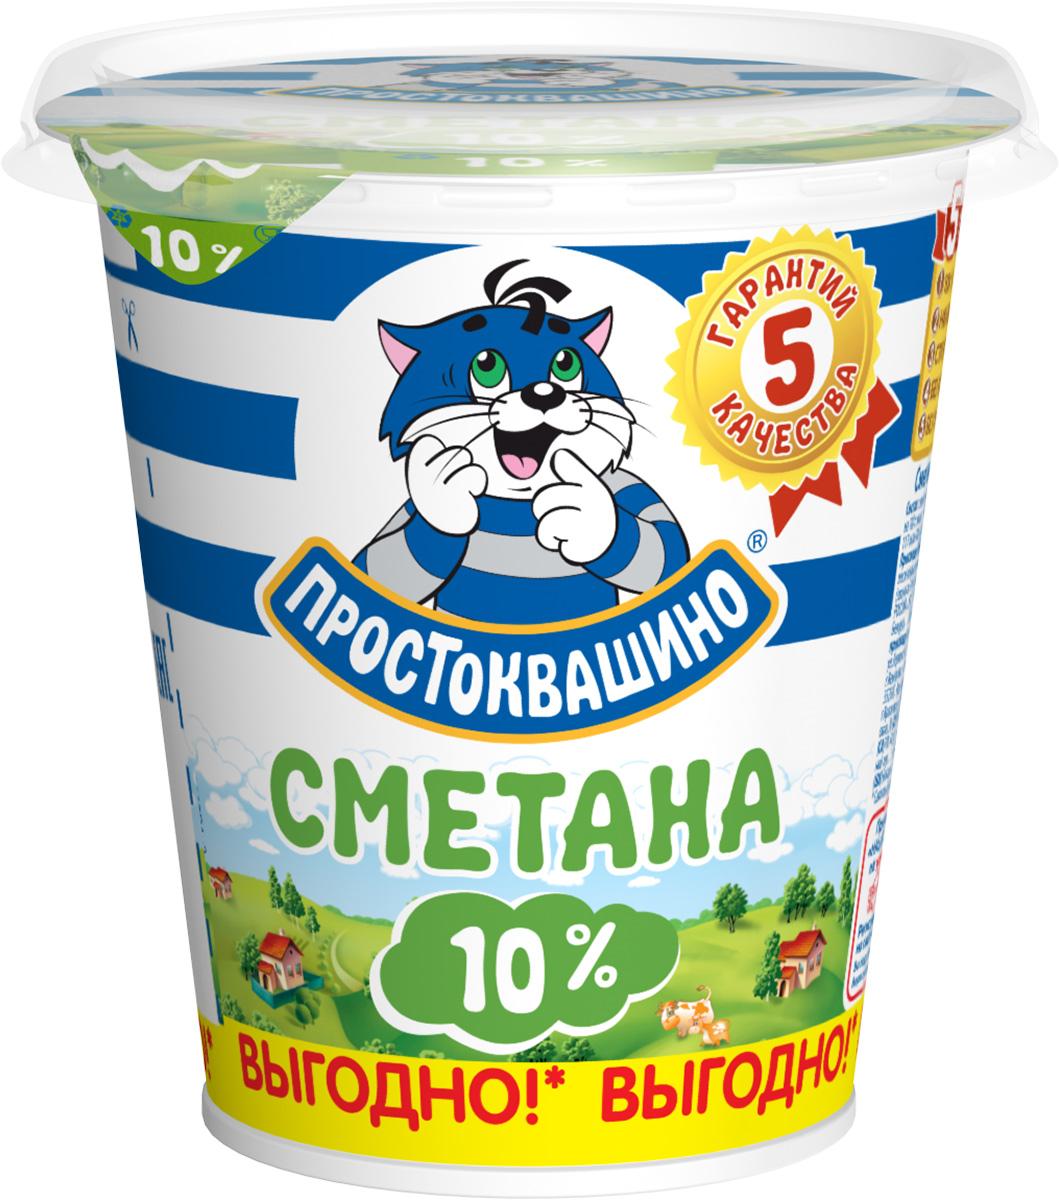 Простоквашино Сметана 10%, 315 г112457Сметана Простоквашино 10% - натуральный кисломолочный продукт малой жирности, приготовленный по старинному русскому рецепту из сливок и закваски.